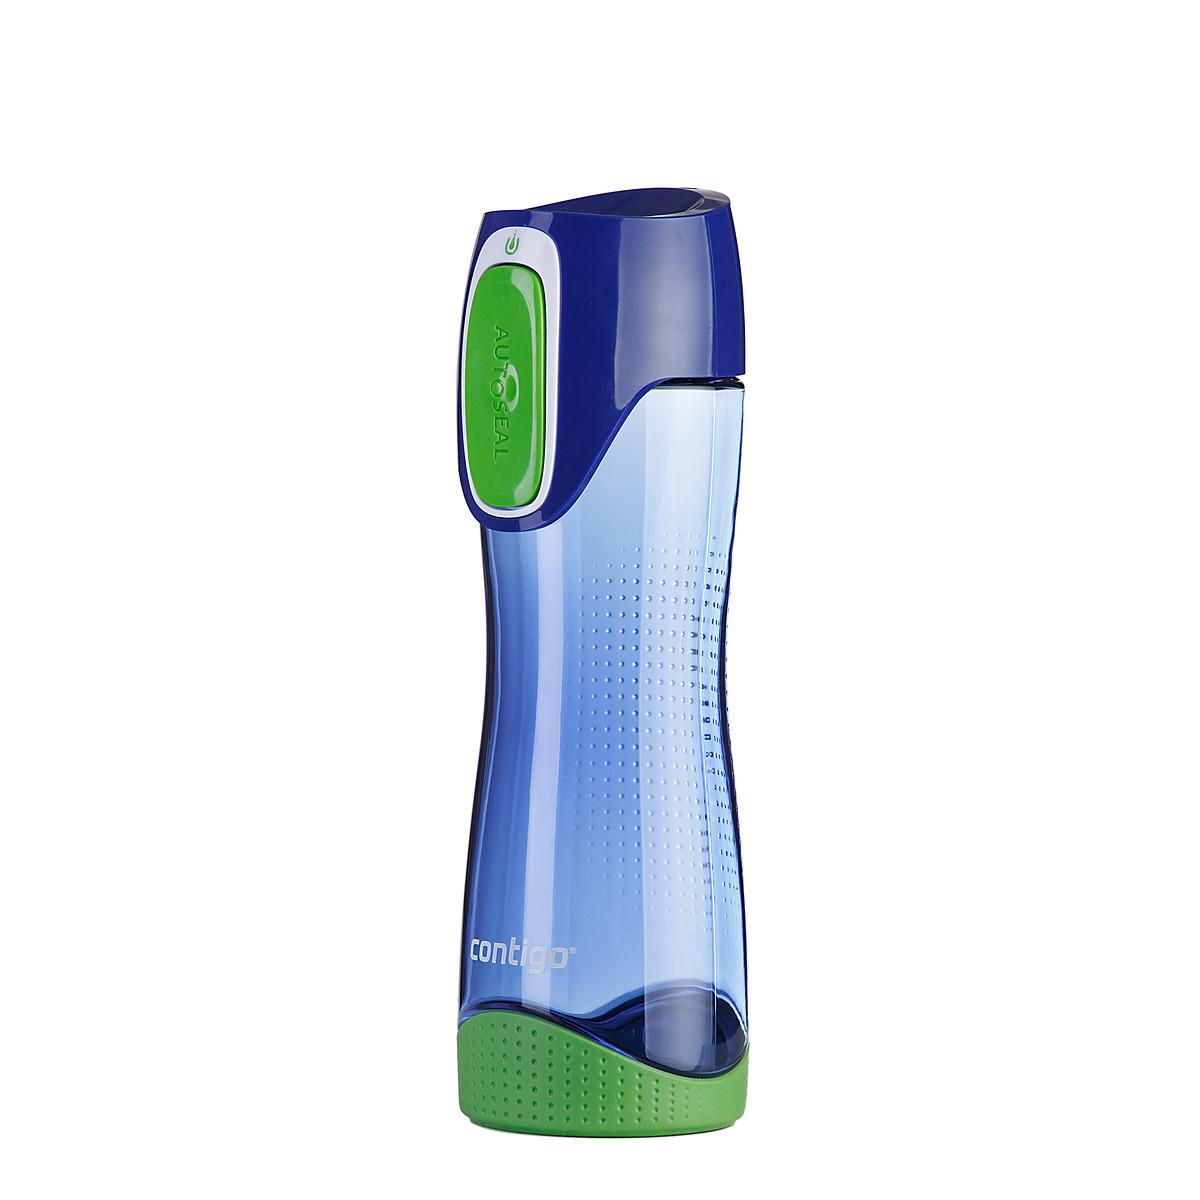 Бутылка для воды Contigo Swish, цвет: голубой, зеленый, 550 млVT-1520(SR)Бутылка для воды Contigo Swish - это замечательный сюрприз как для родных и друзей, так и для себя.Практичная и комфортная форма, а также удобный размер позволит вам всегда носить ее с собой. Кроме того, чтобы попить из бутылки вам достаточно просто нажать на кнопку, а при отпускании ее крышка автоматически закроется, исключая вытекание воды. Такая система обеспечивает полную защиту вашей воды от попадания вредных и ненужных микроорганизмов.